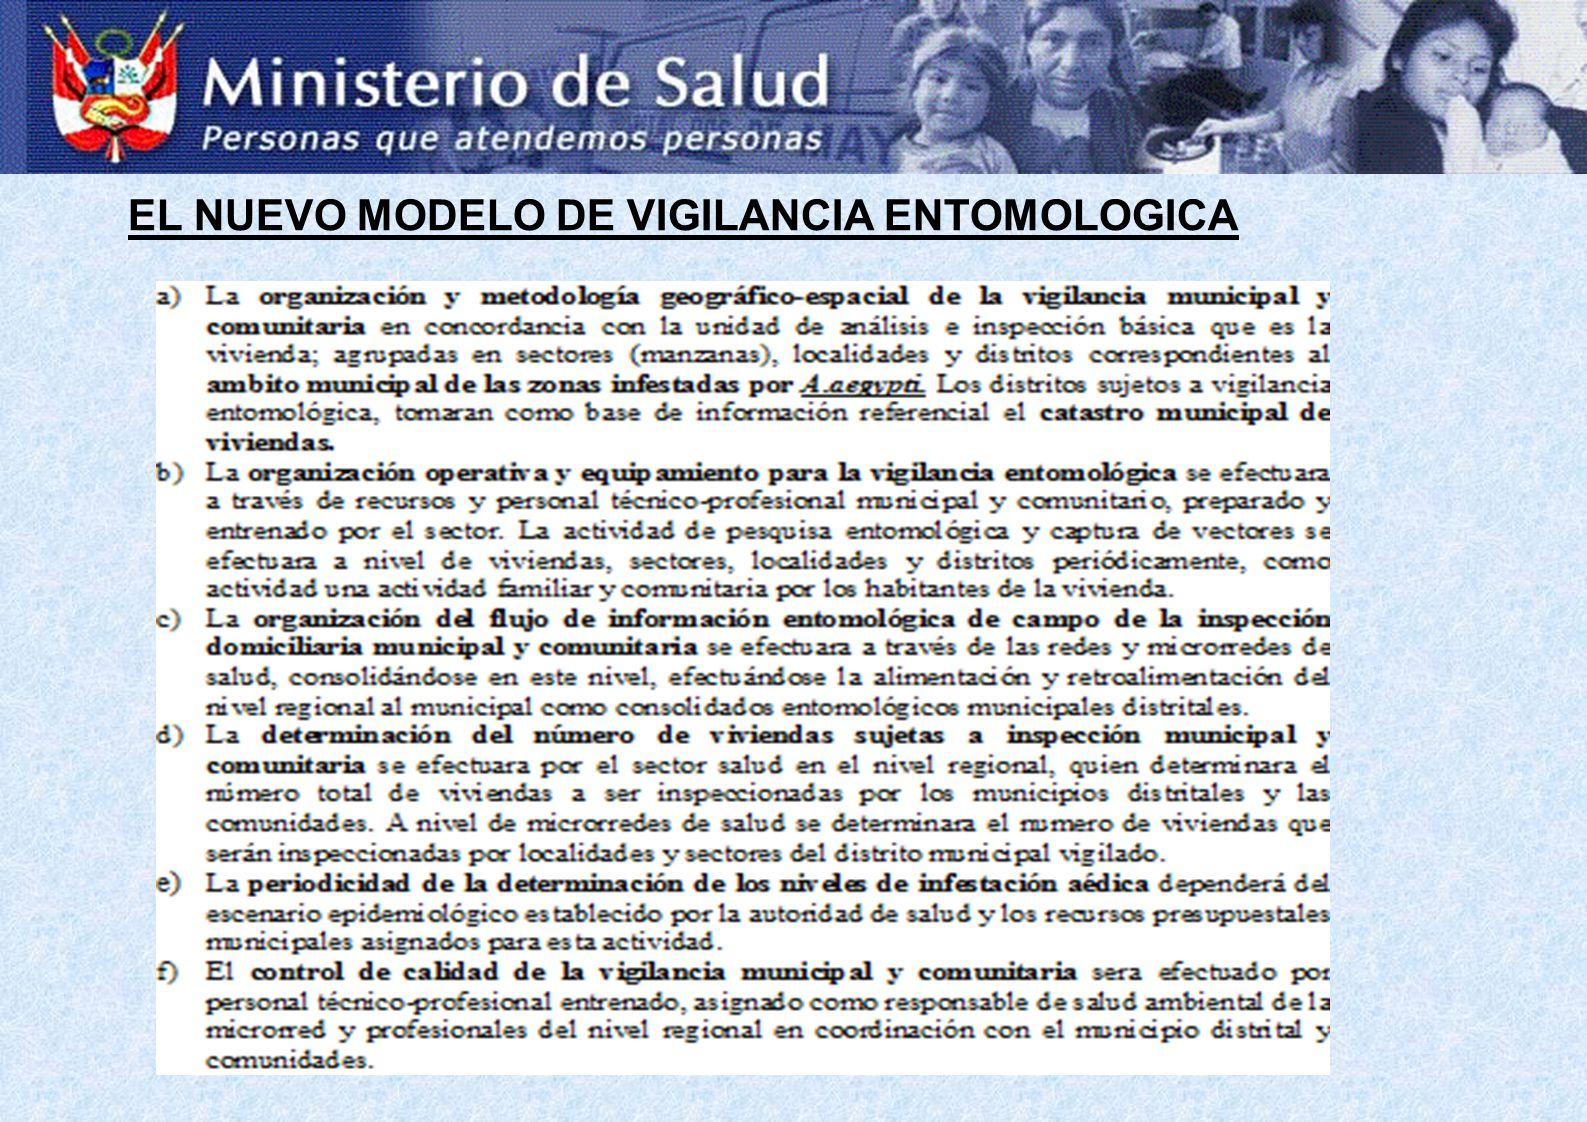 EL NUEVO MODELO DE VIGILANCIA ENTOMOLOGICA